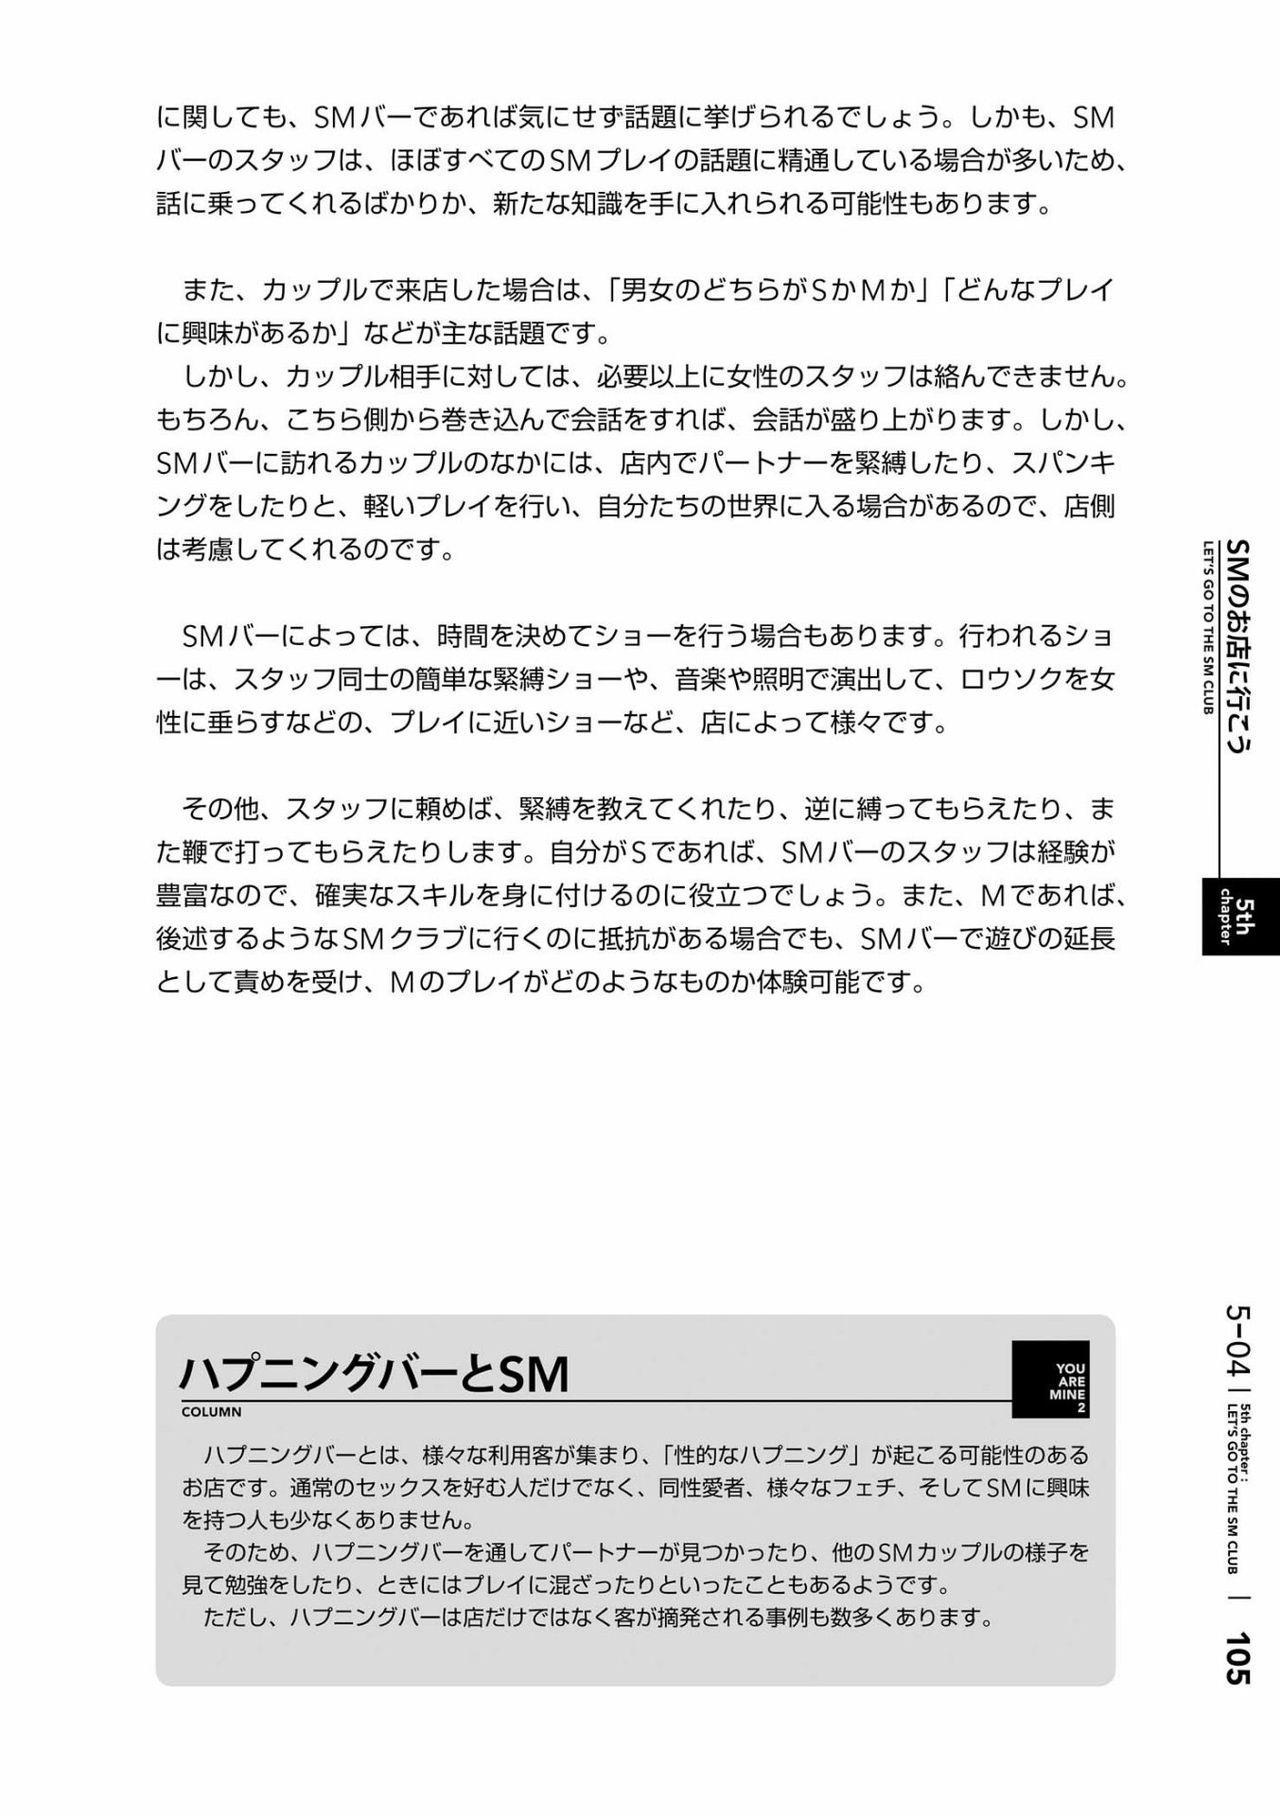 [Mitsuba] Karada mo Kokoro mo Boku no Mono ~Hajimete no SM Guide~ 2 [Digital] 107